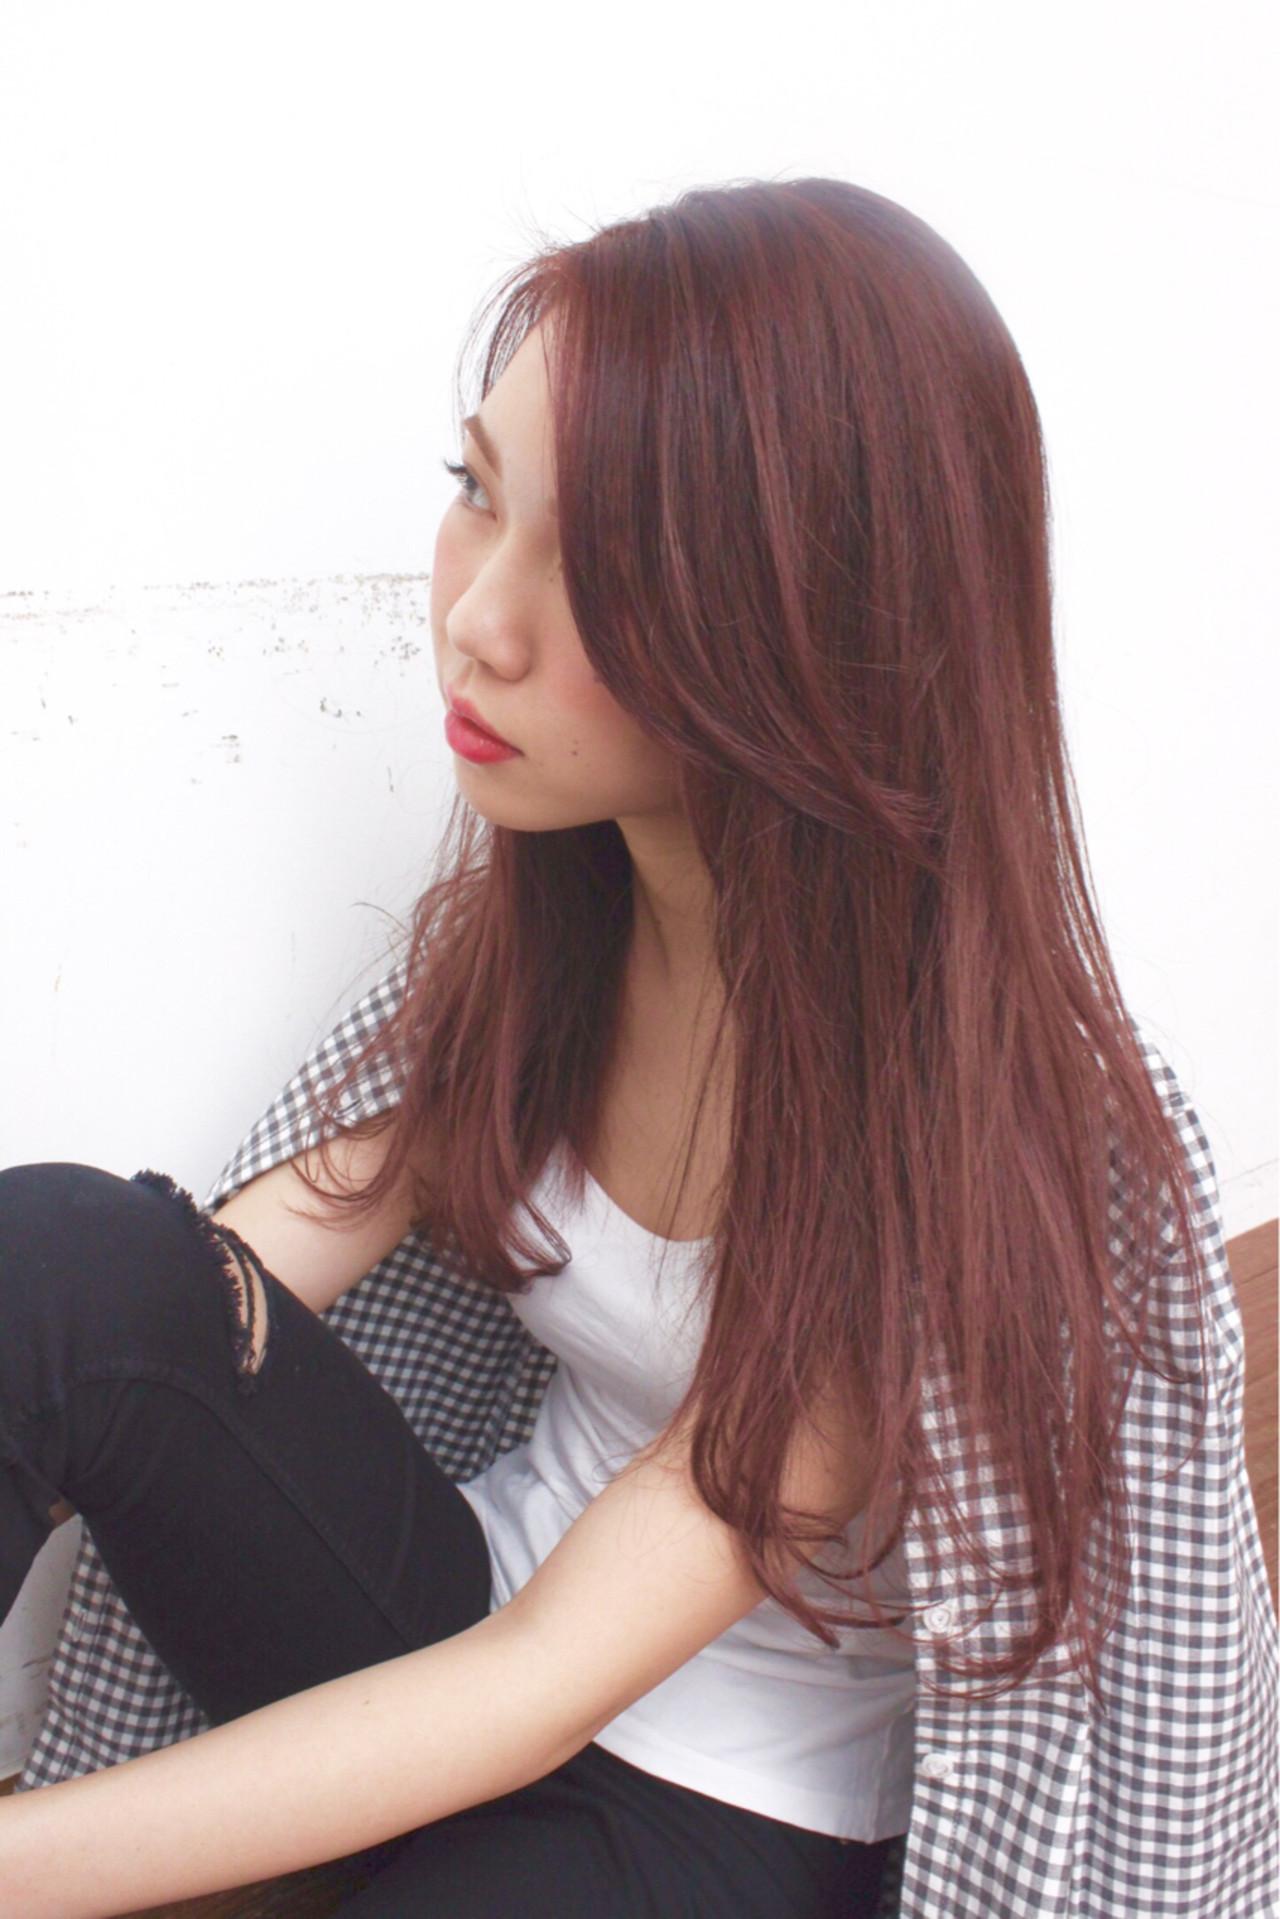 コーラルピンクが大人かわいい!旬のヘアカラーで女子力アップしよう 福見 康平